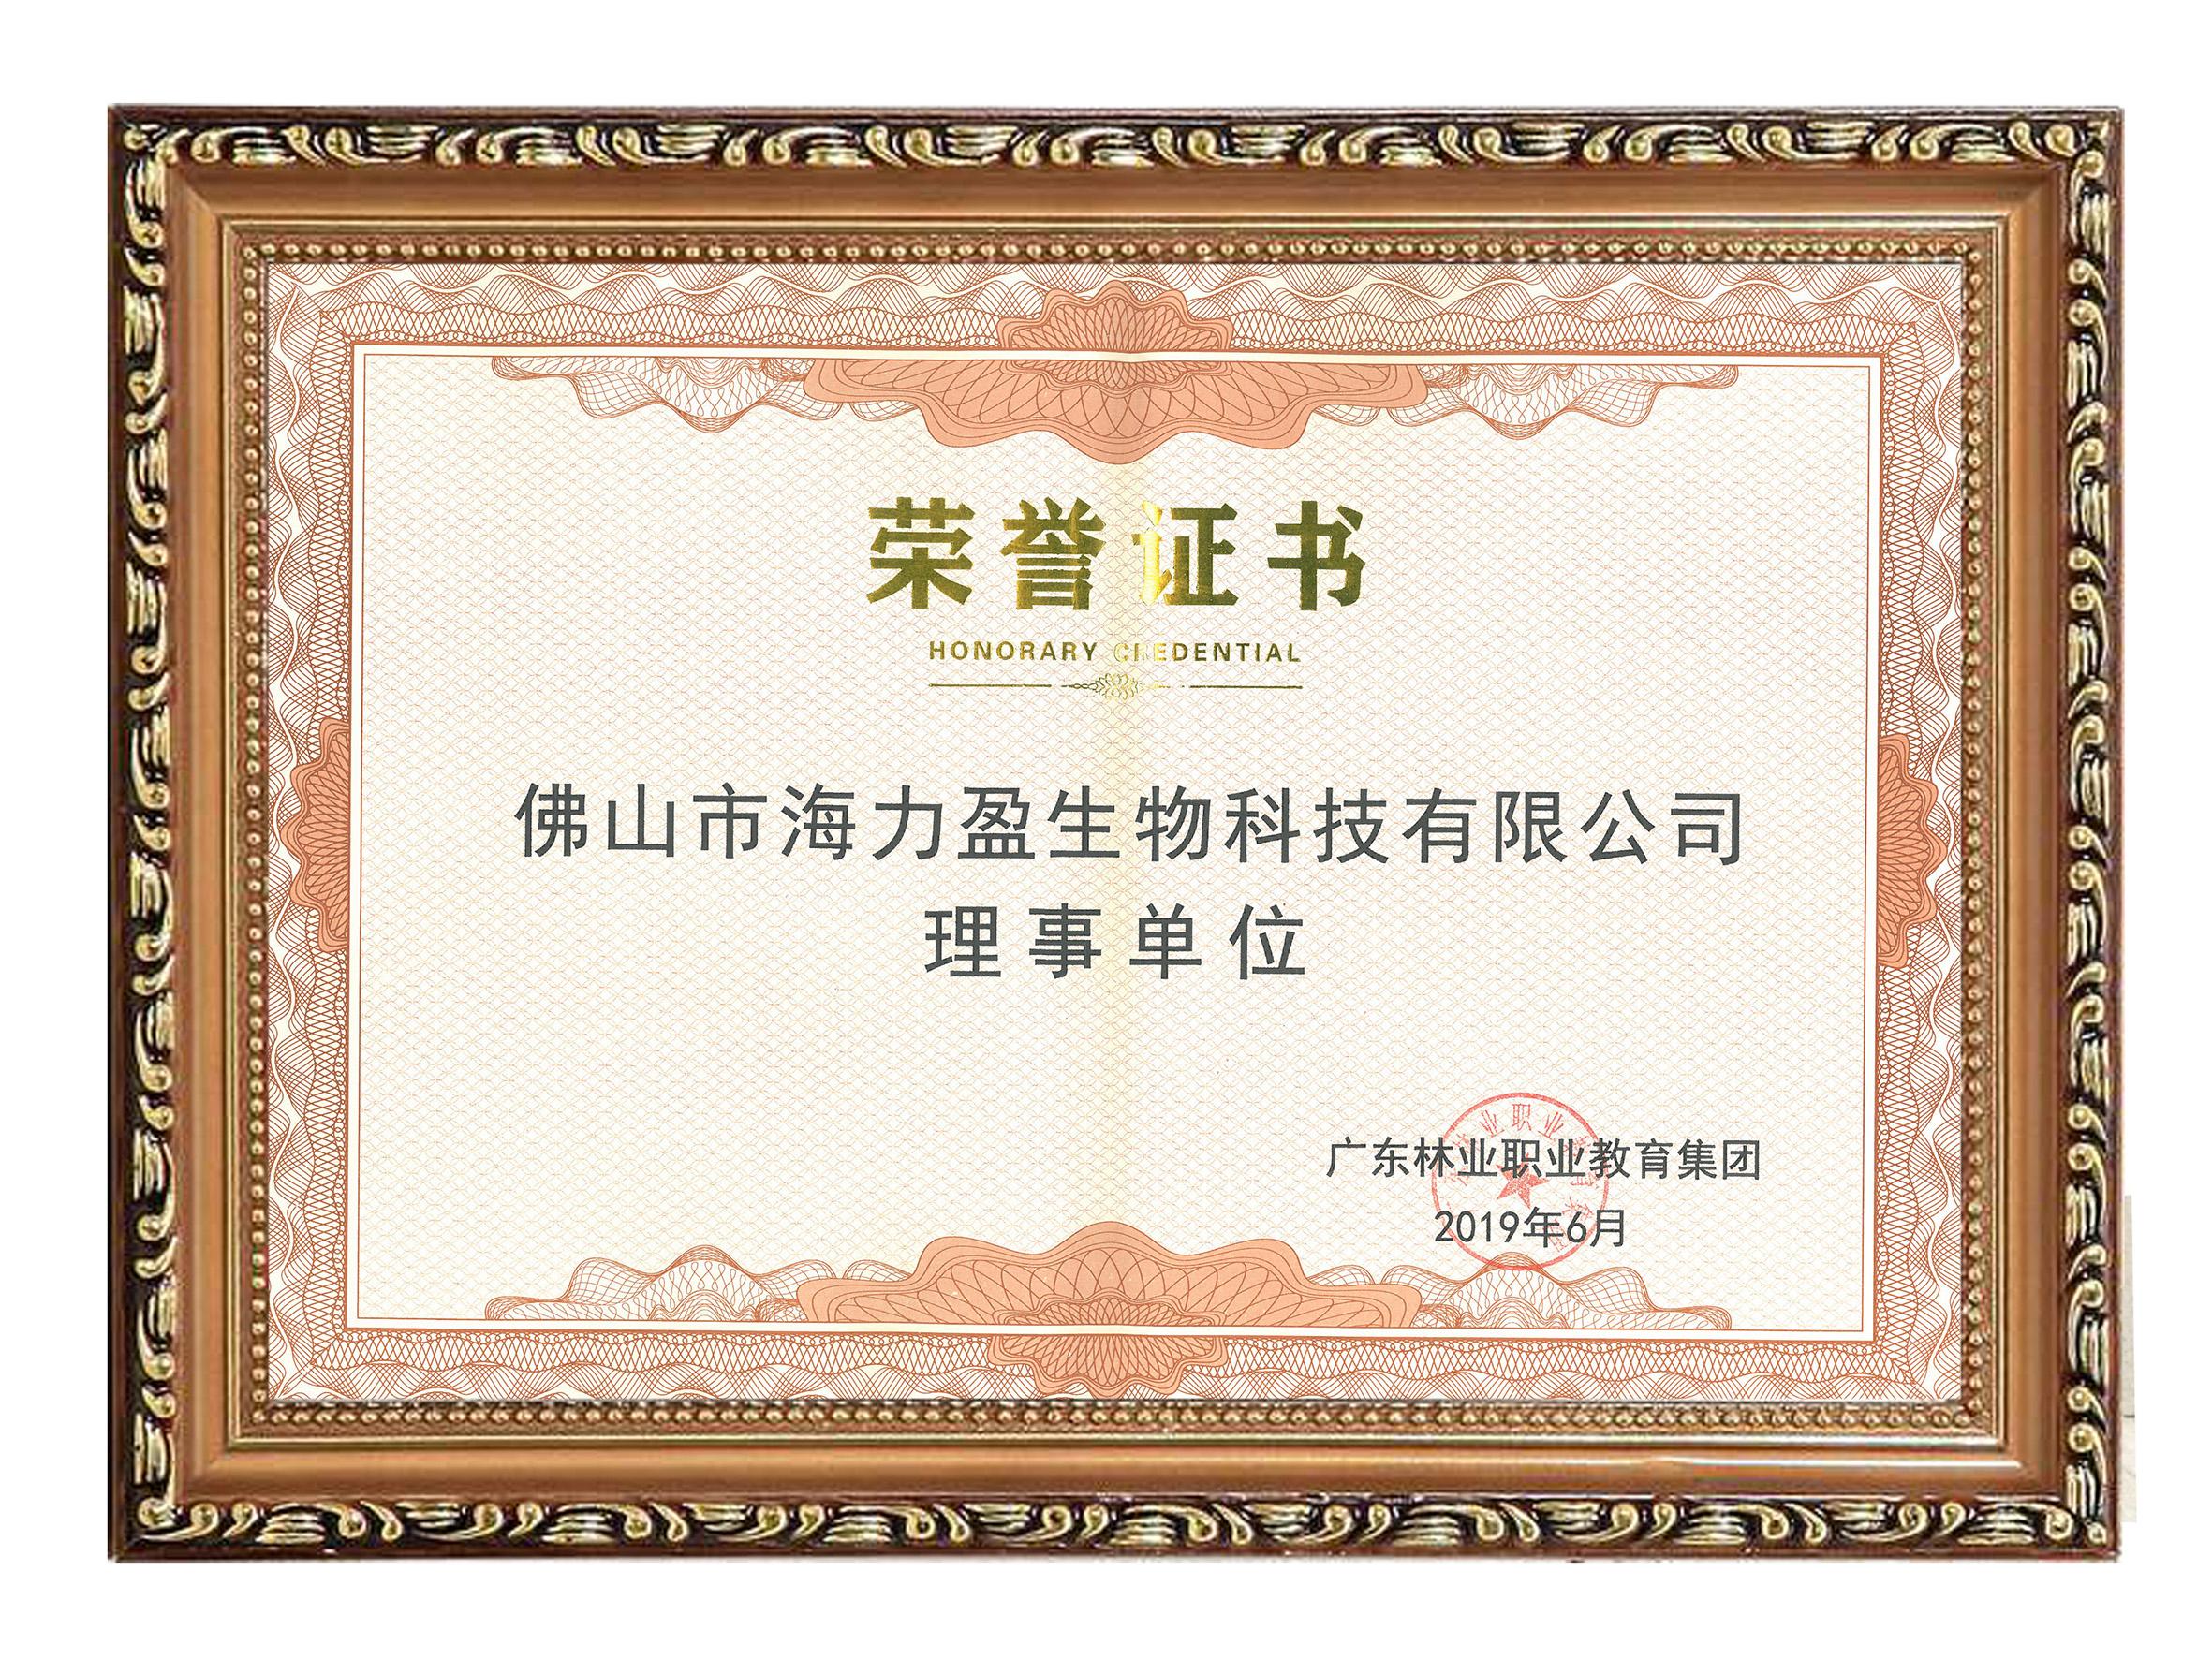 2018 (海力盈)广东省林业职业教育集团 理事单位